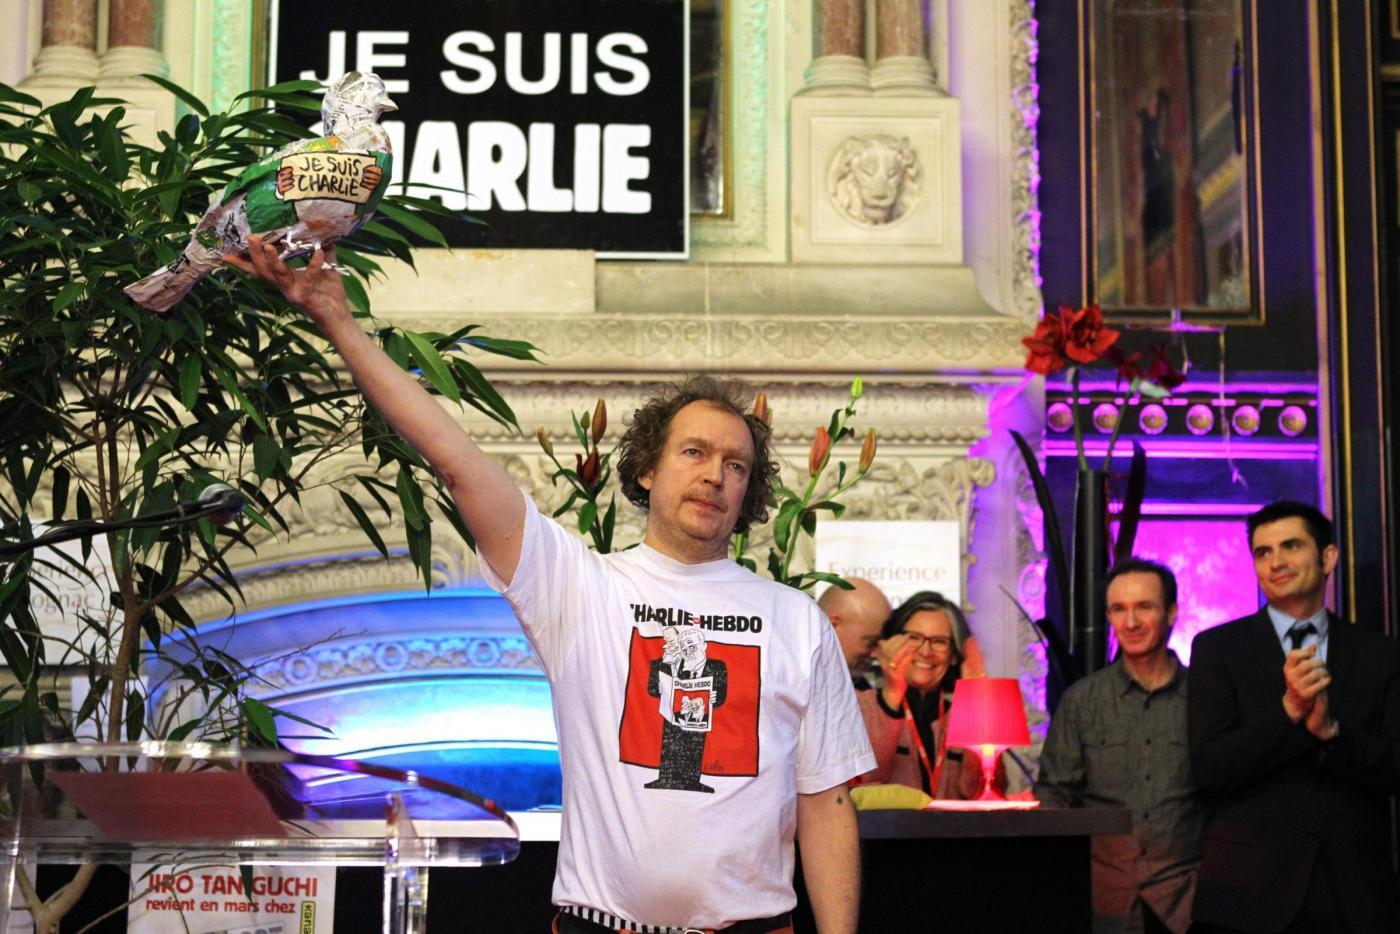 Esposizione del settimanale Charlie Hebdo